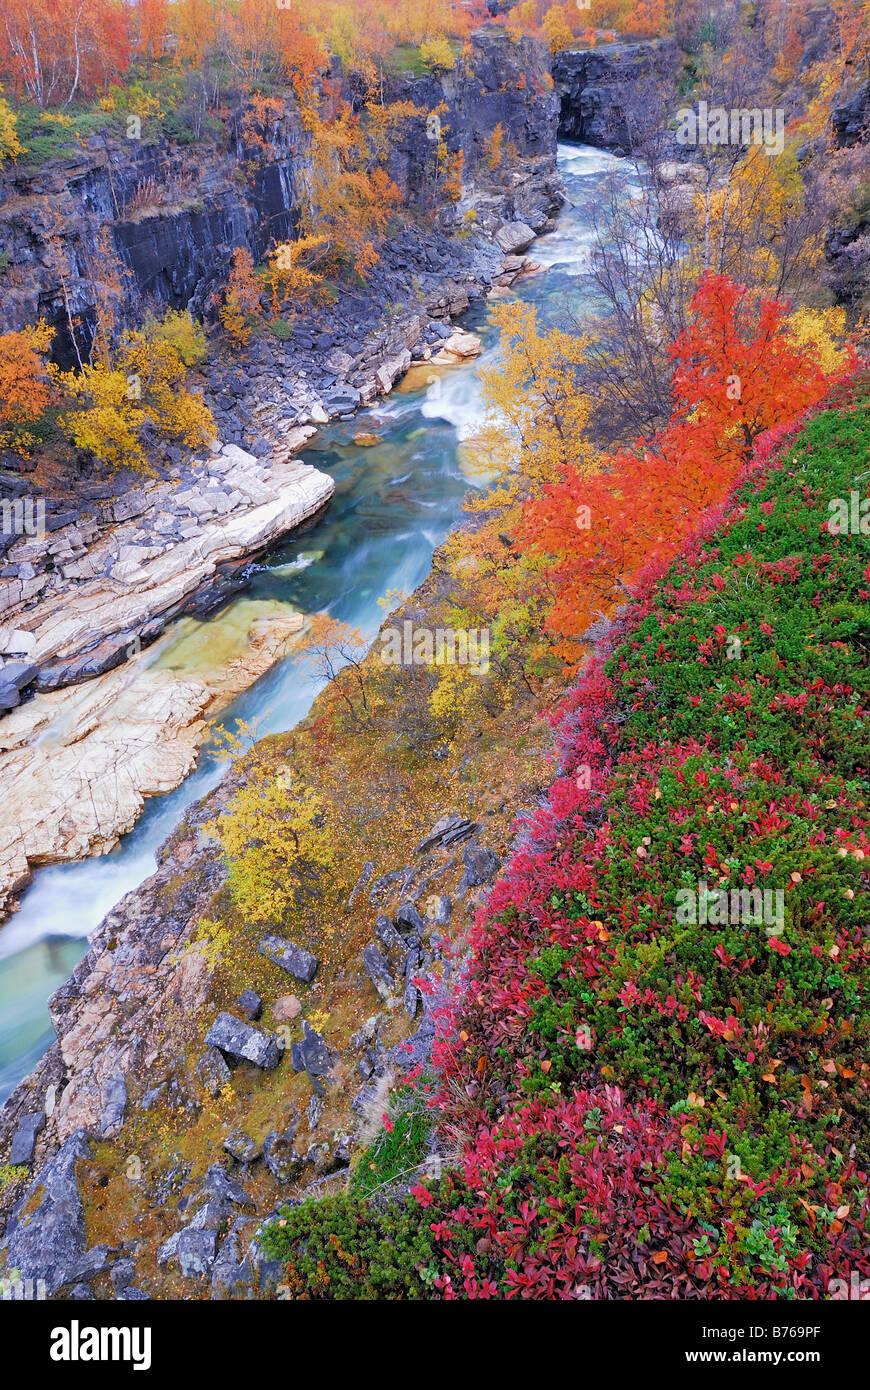 Jakka abisko abisko canyon de la rivière de montagne paysage njulla abisko national park europe suède laponie norrbotten Banque D'Images